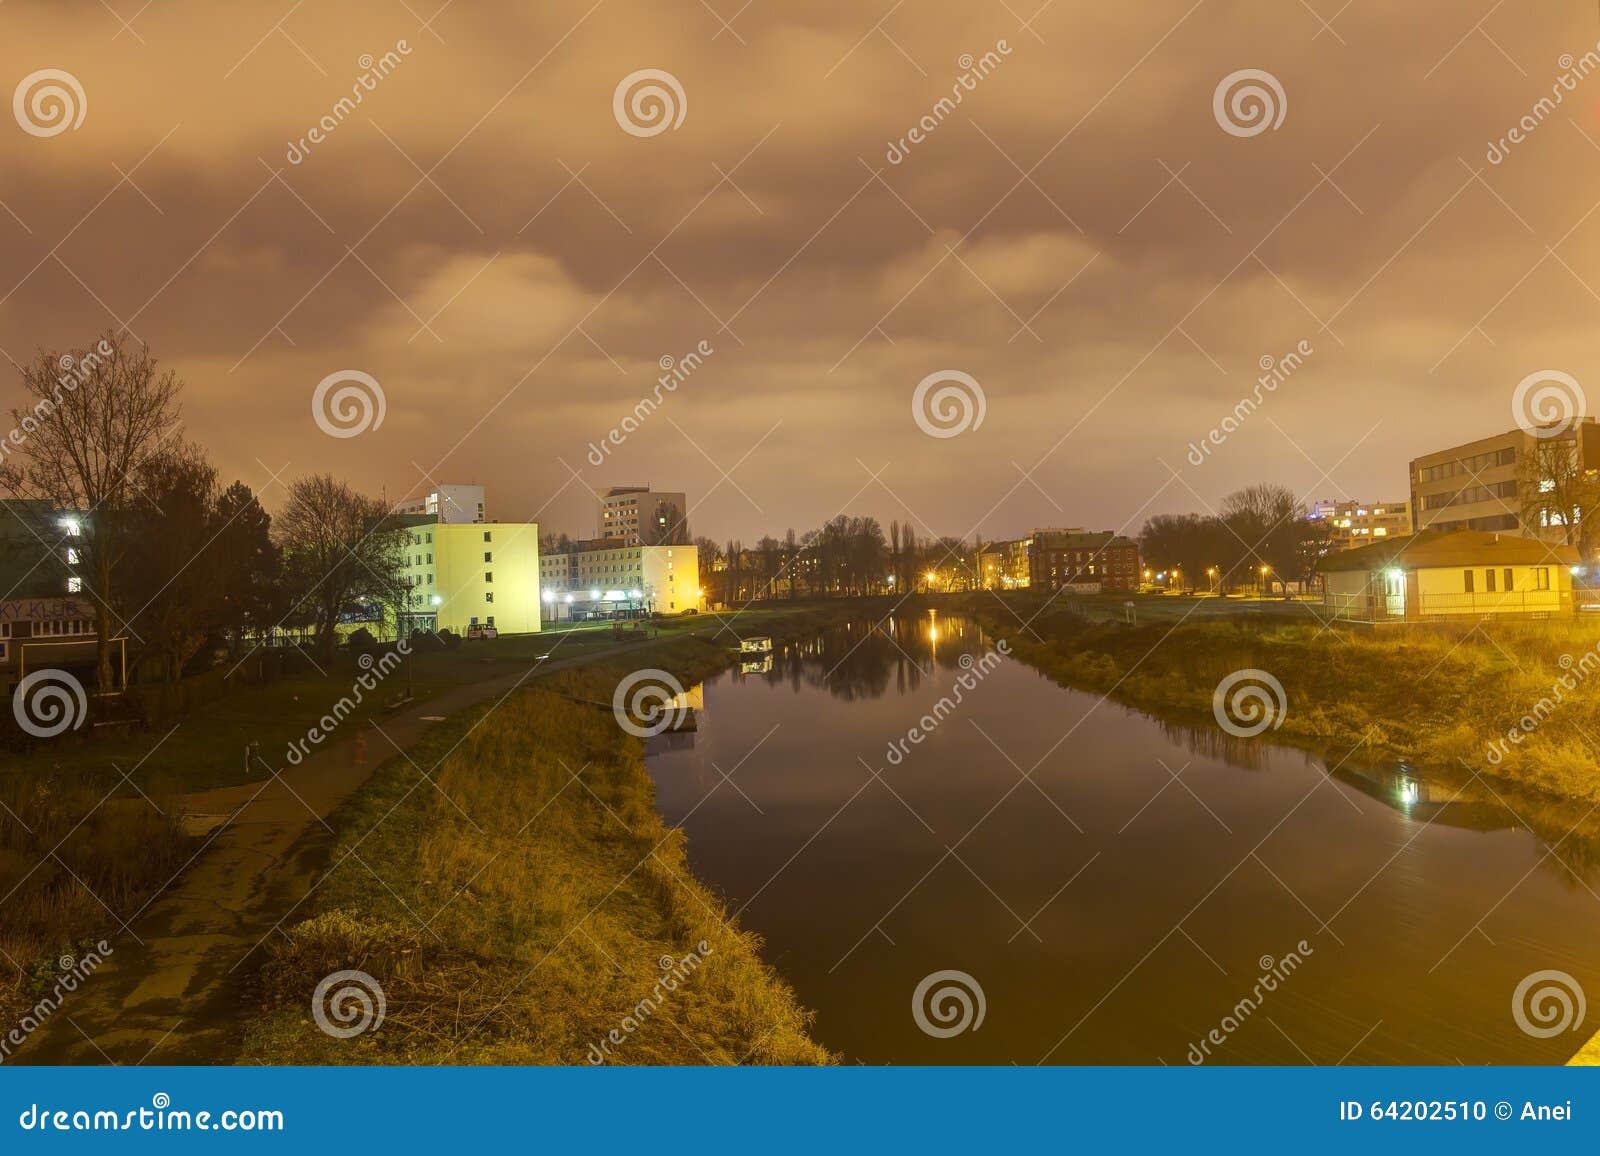 Foto de HDR del río que atraviesa el centro de la ciudad de Olomouc